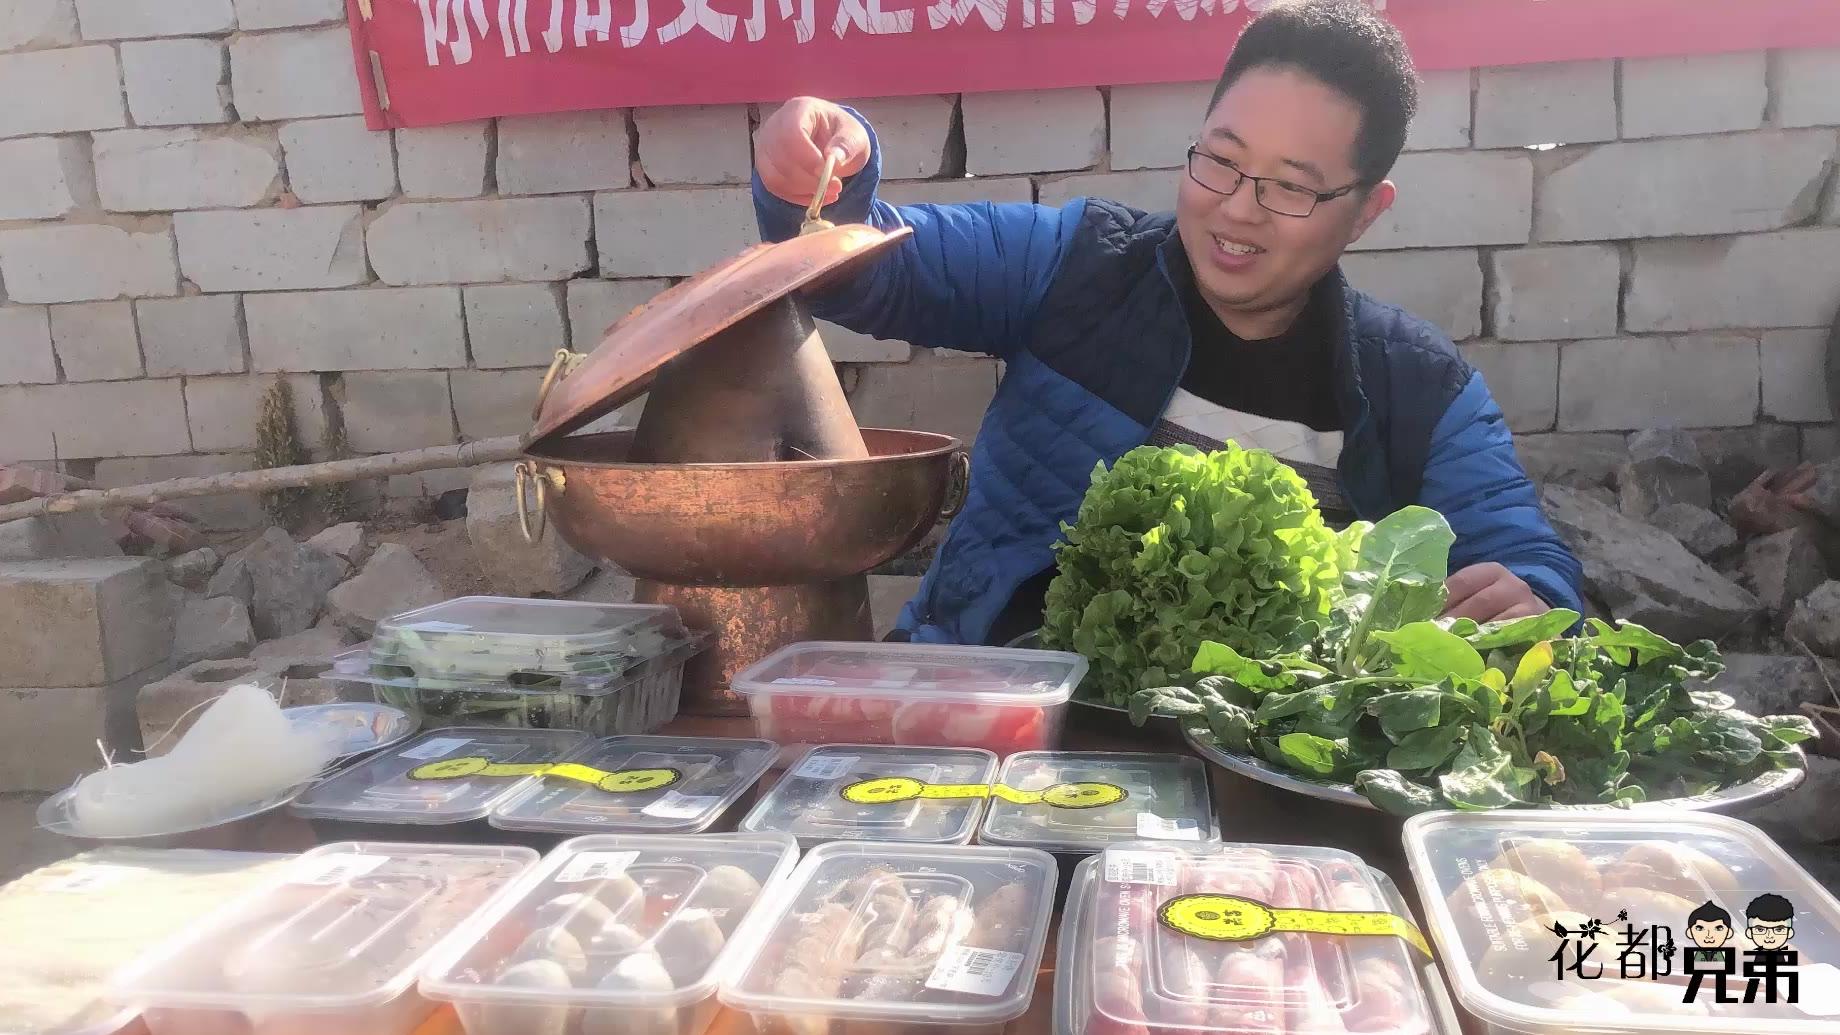 去火锅超市200元买一桌子肉菜,整个火锅宴,大口涮肉,过瘾!